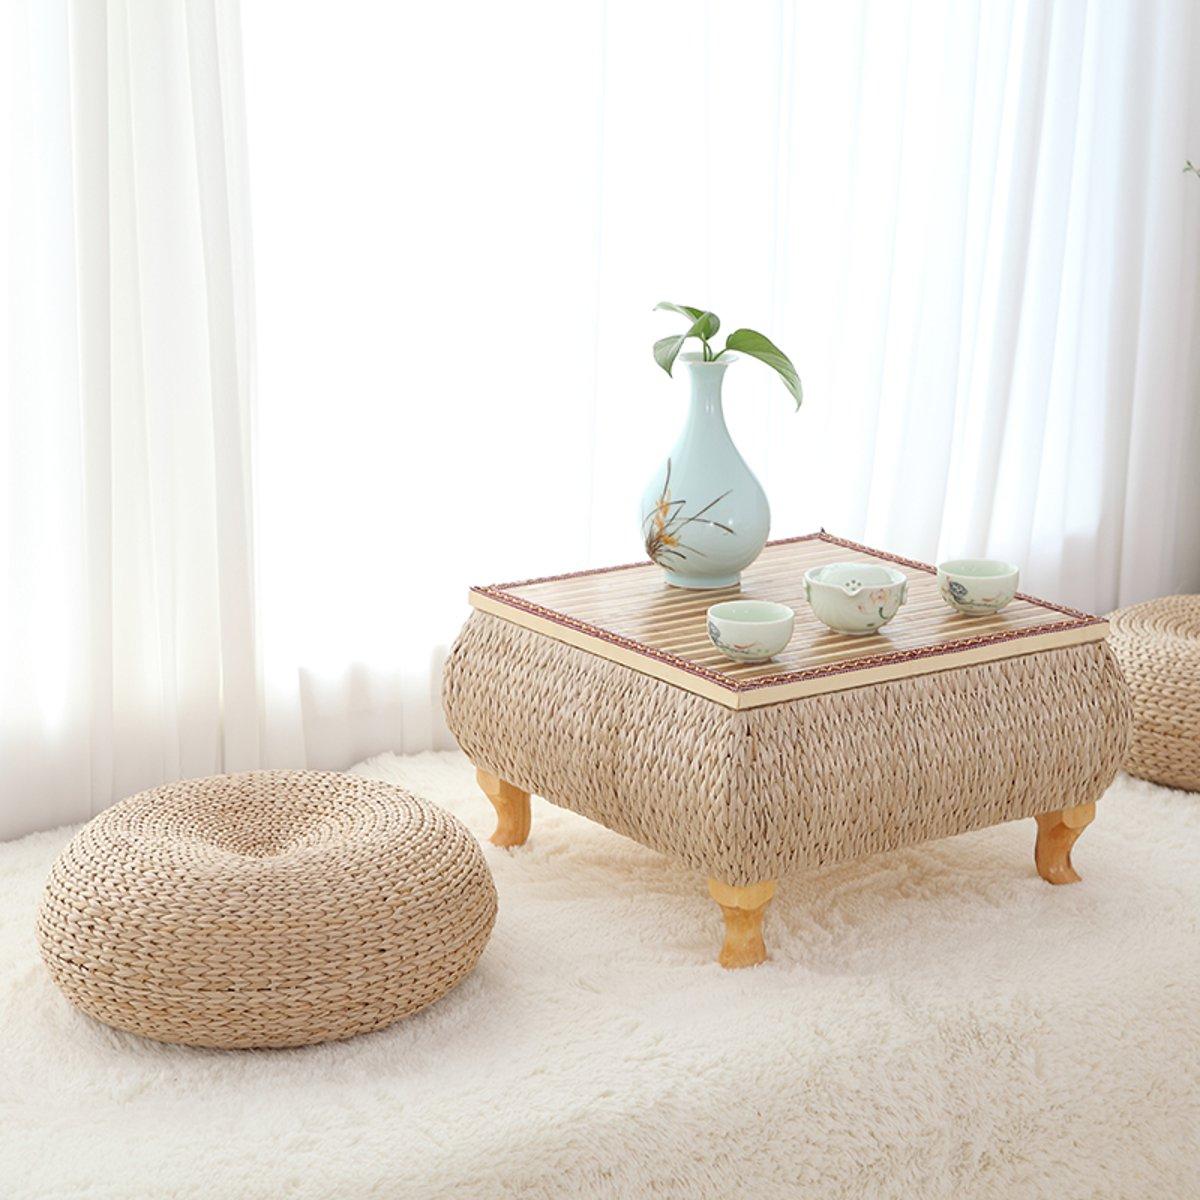 Tatami coussin Pad fait à la main en rotin oreiller plancher Yoga chaise siège tapis méditation coussin décoration de la maison 40 cm naturel paille armure